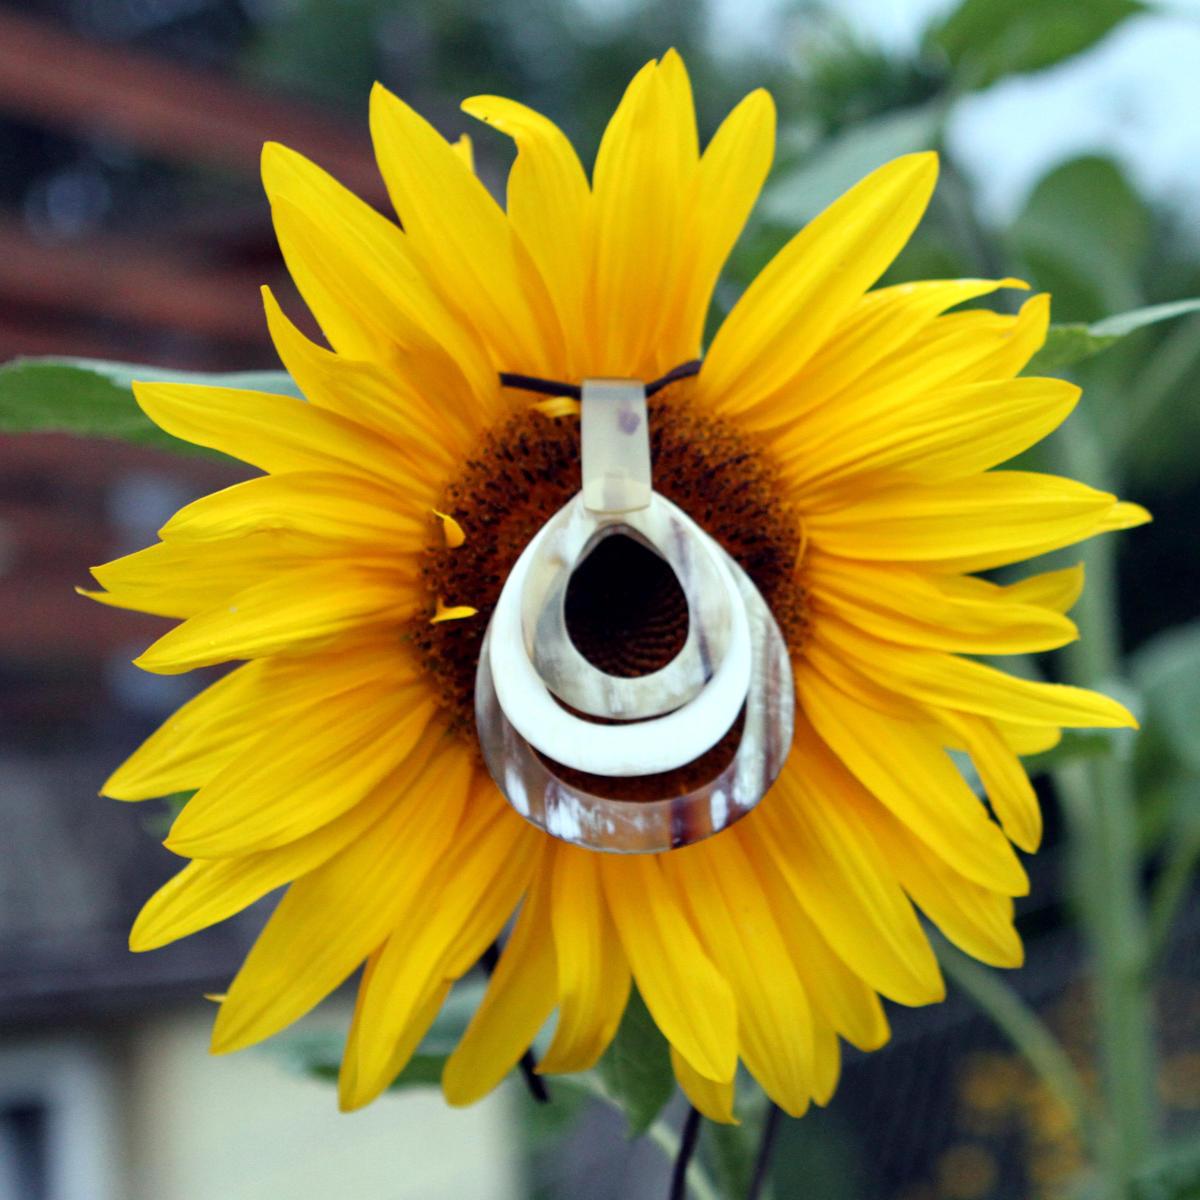 Anhänger aus Horn an einer Sonnenblume | Avanova Hornschmuck Salzburg